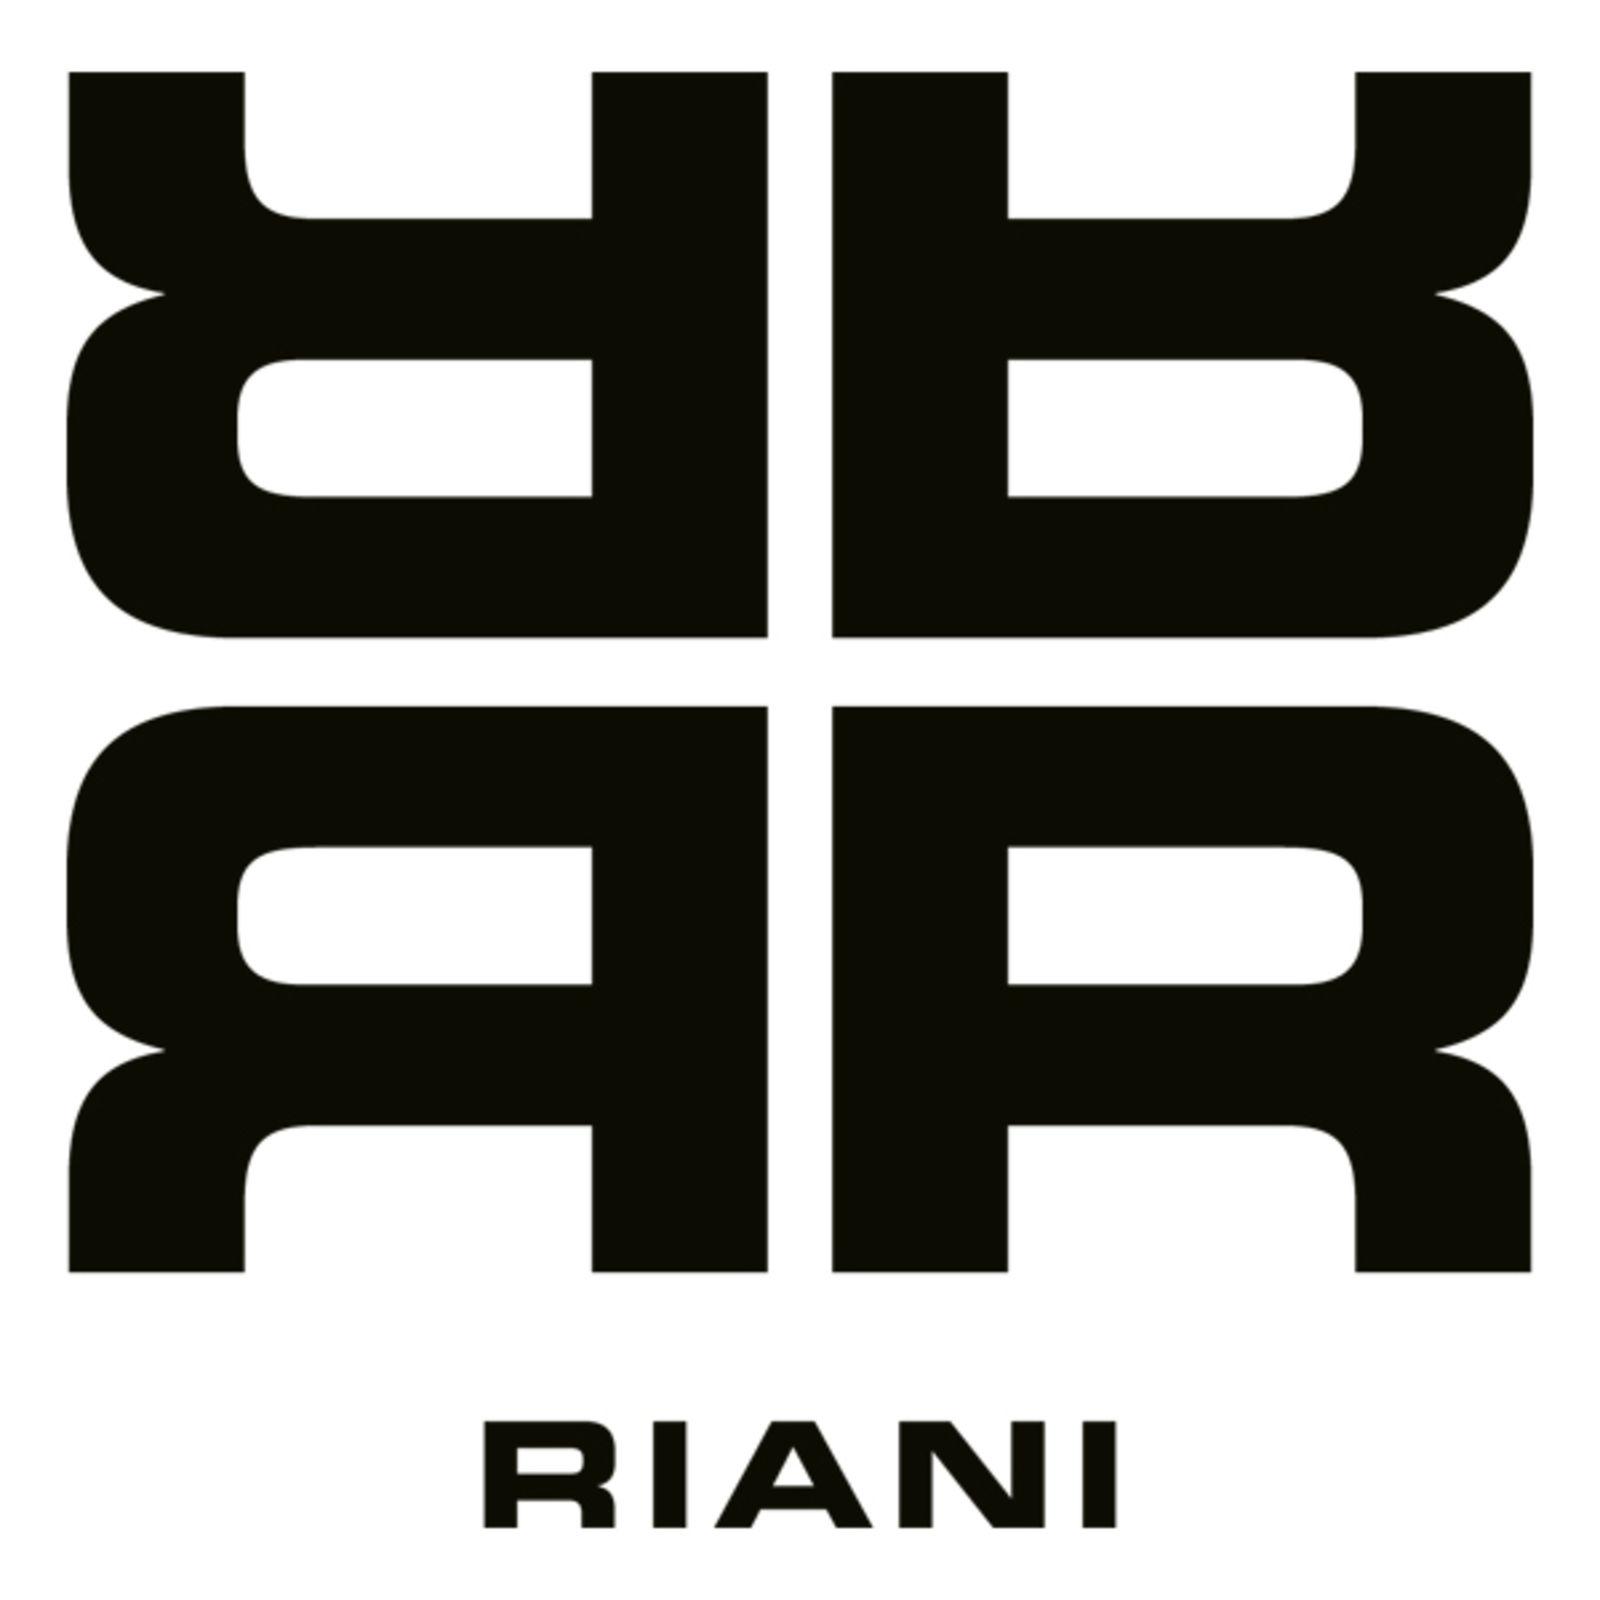 RIANI